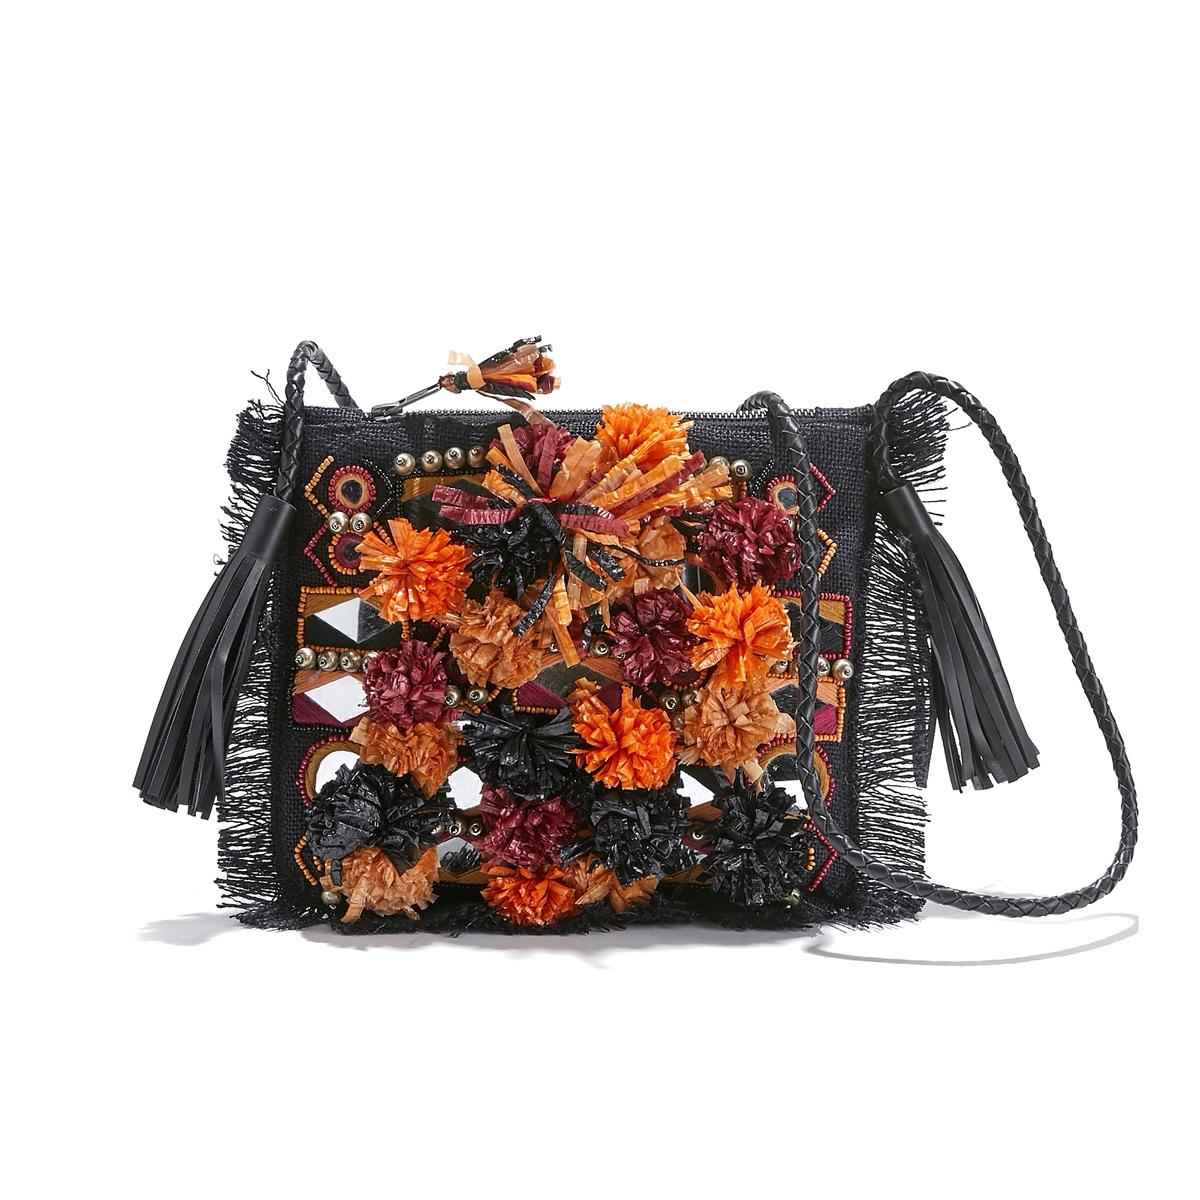 Сумка с вышивкой и кисточками CHARLIE POUCH antik batik сумка на руку